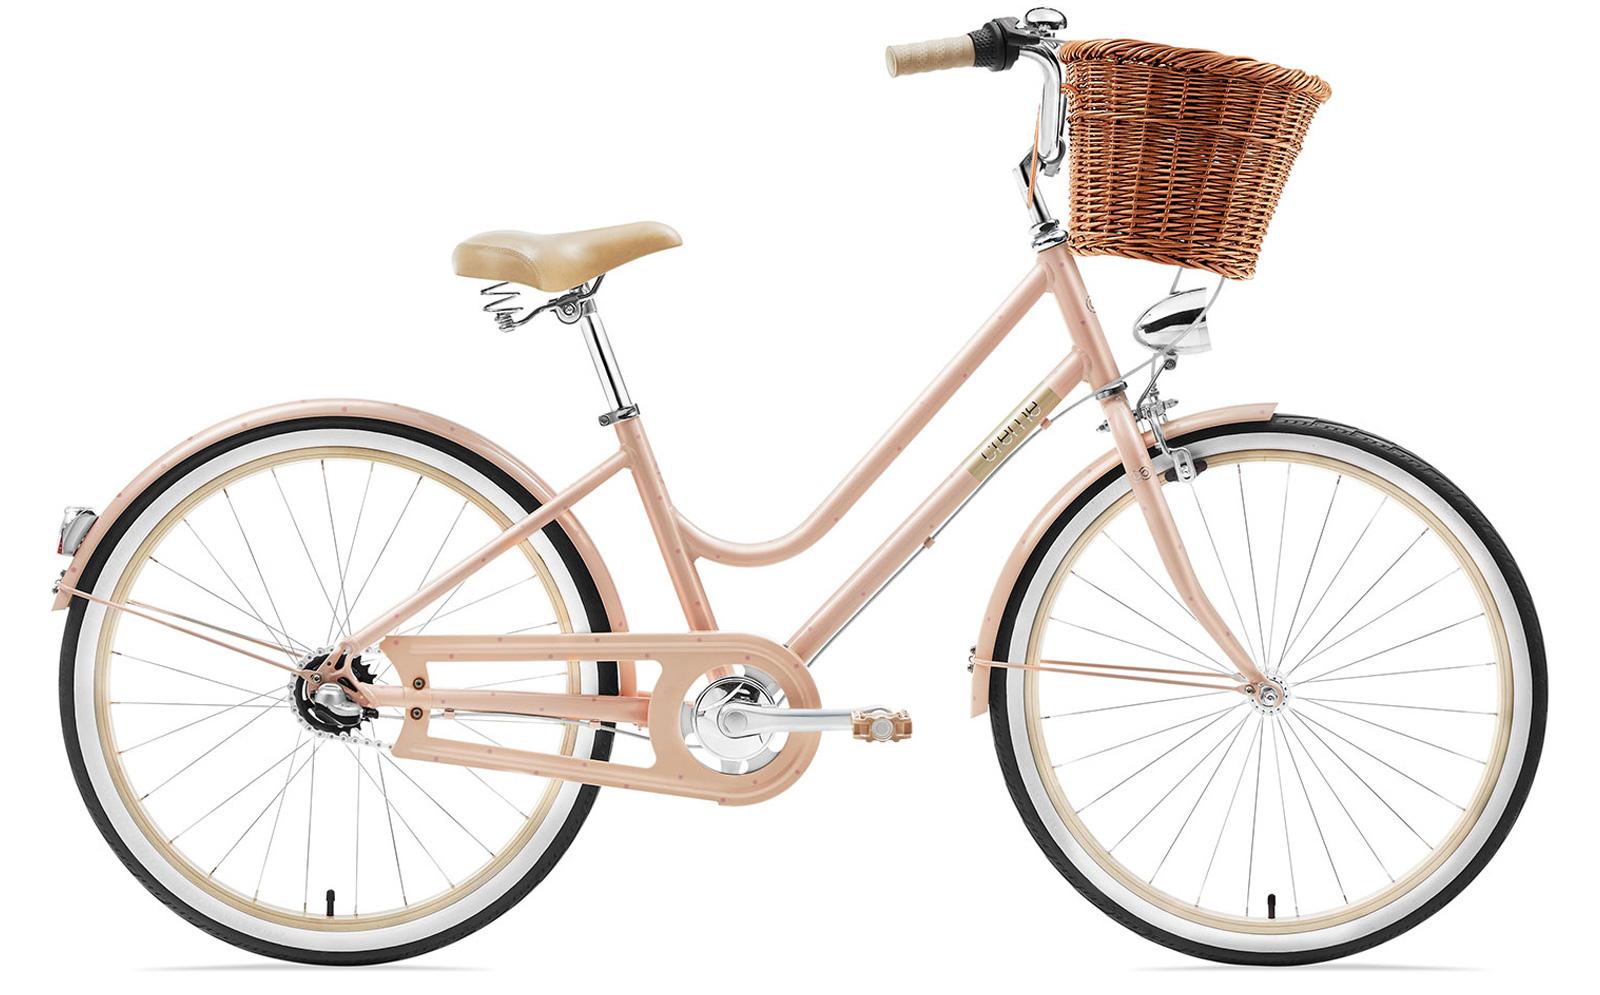 fahrräder gebraucht kaufen hamburg